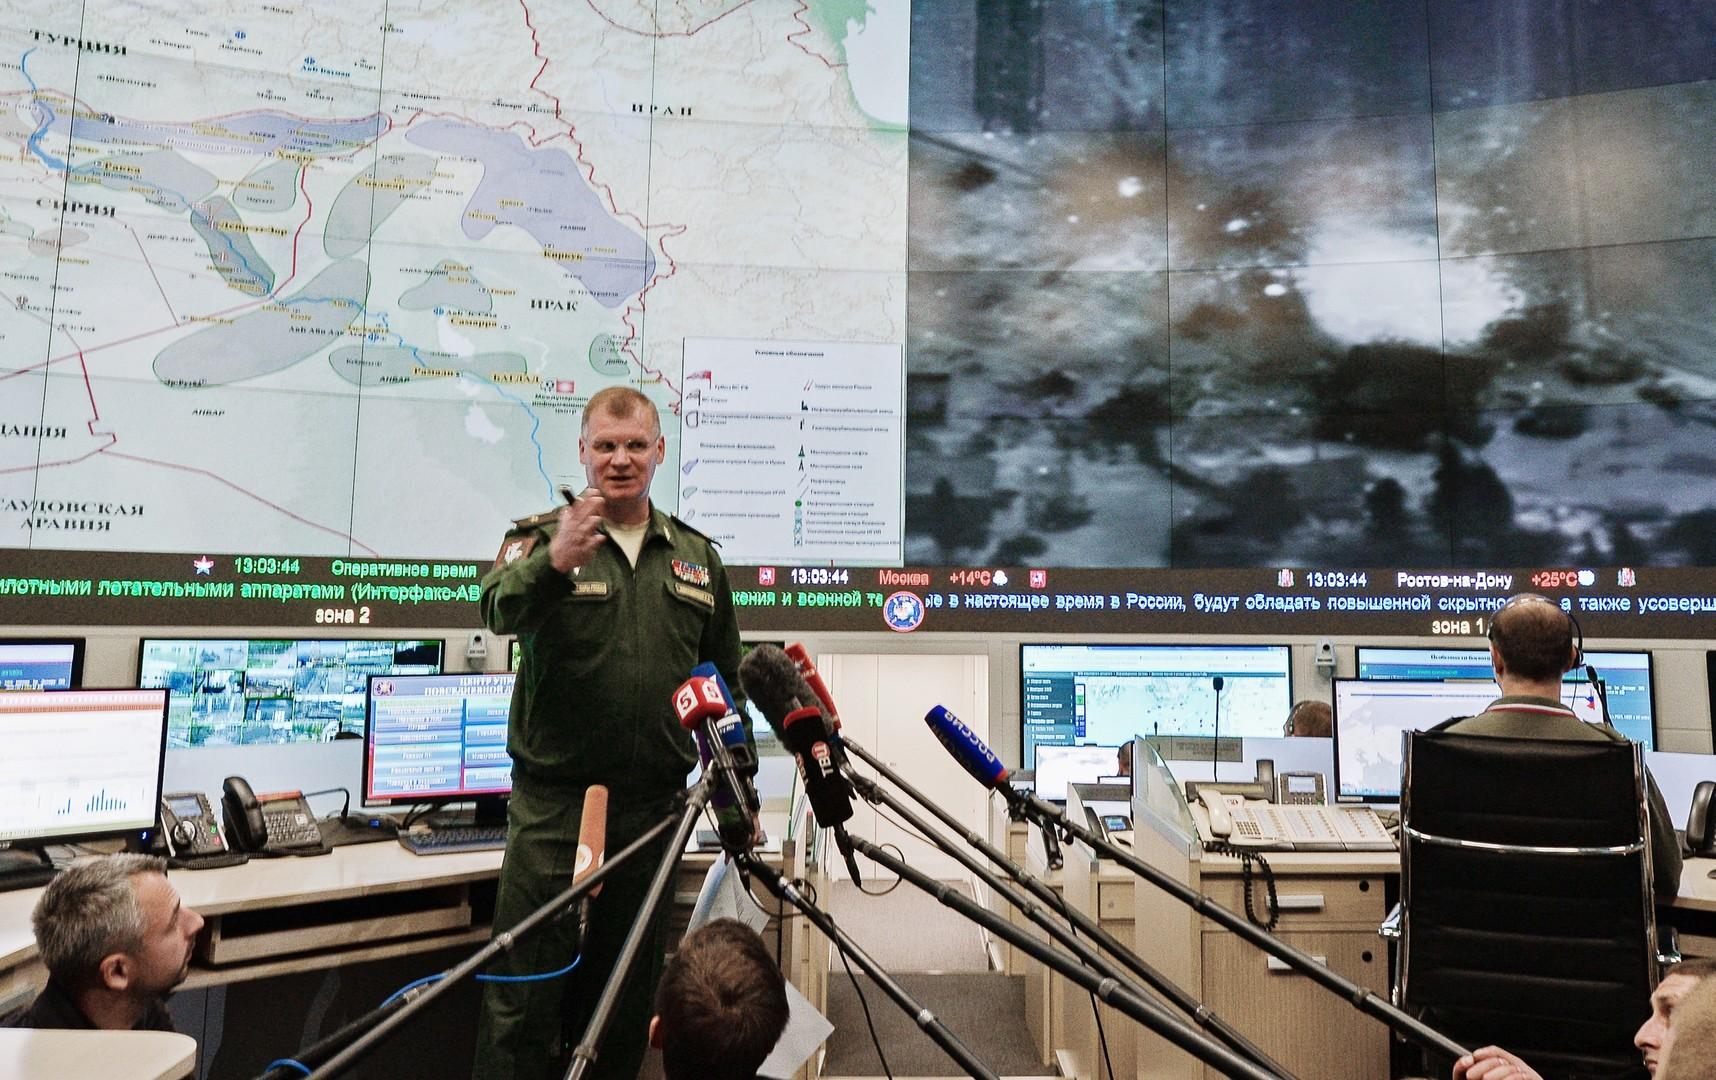 В Минобороны РФ ответили на заявление Пентагона о «неправильной позиции» по Сирии